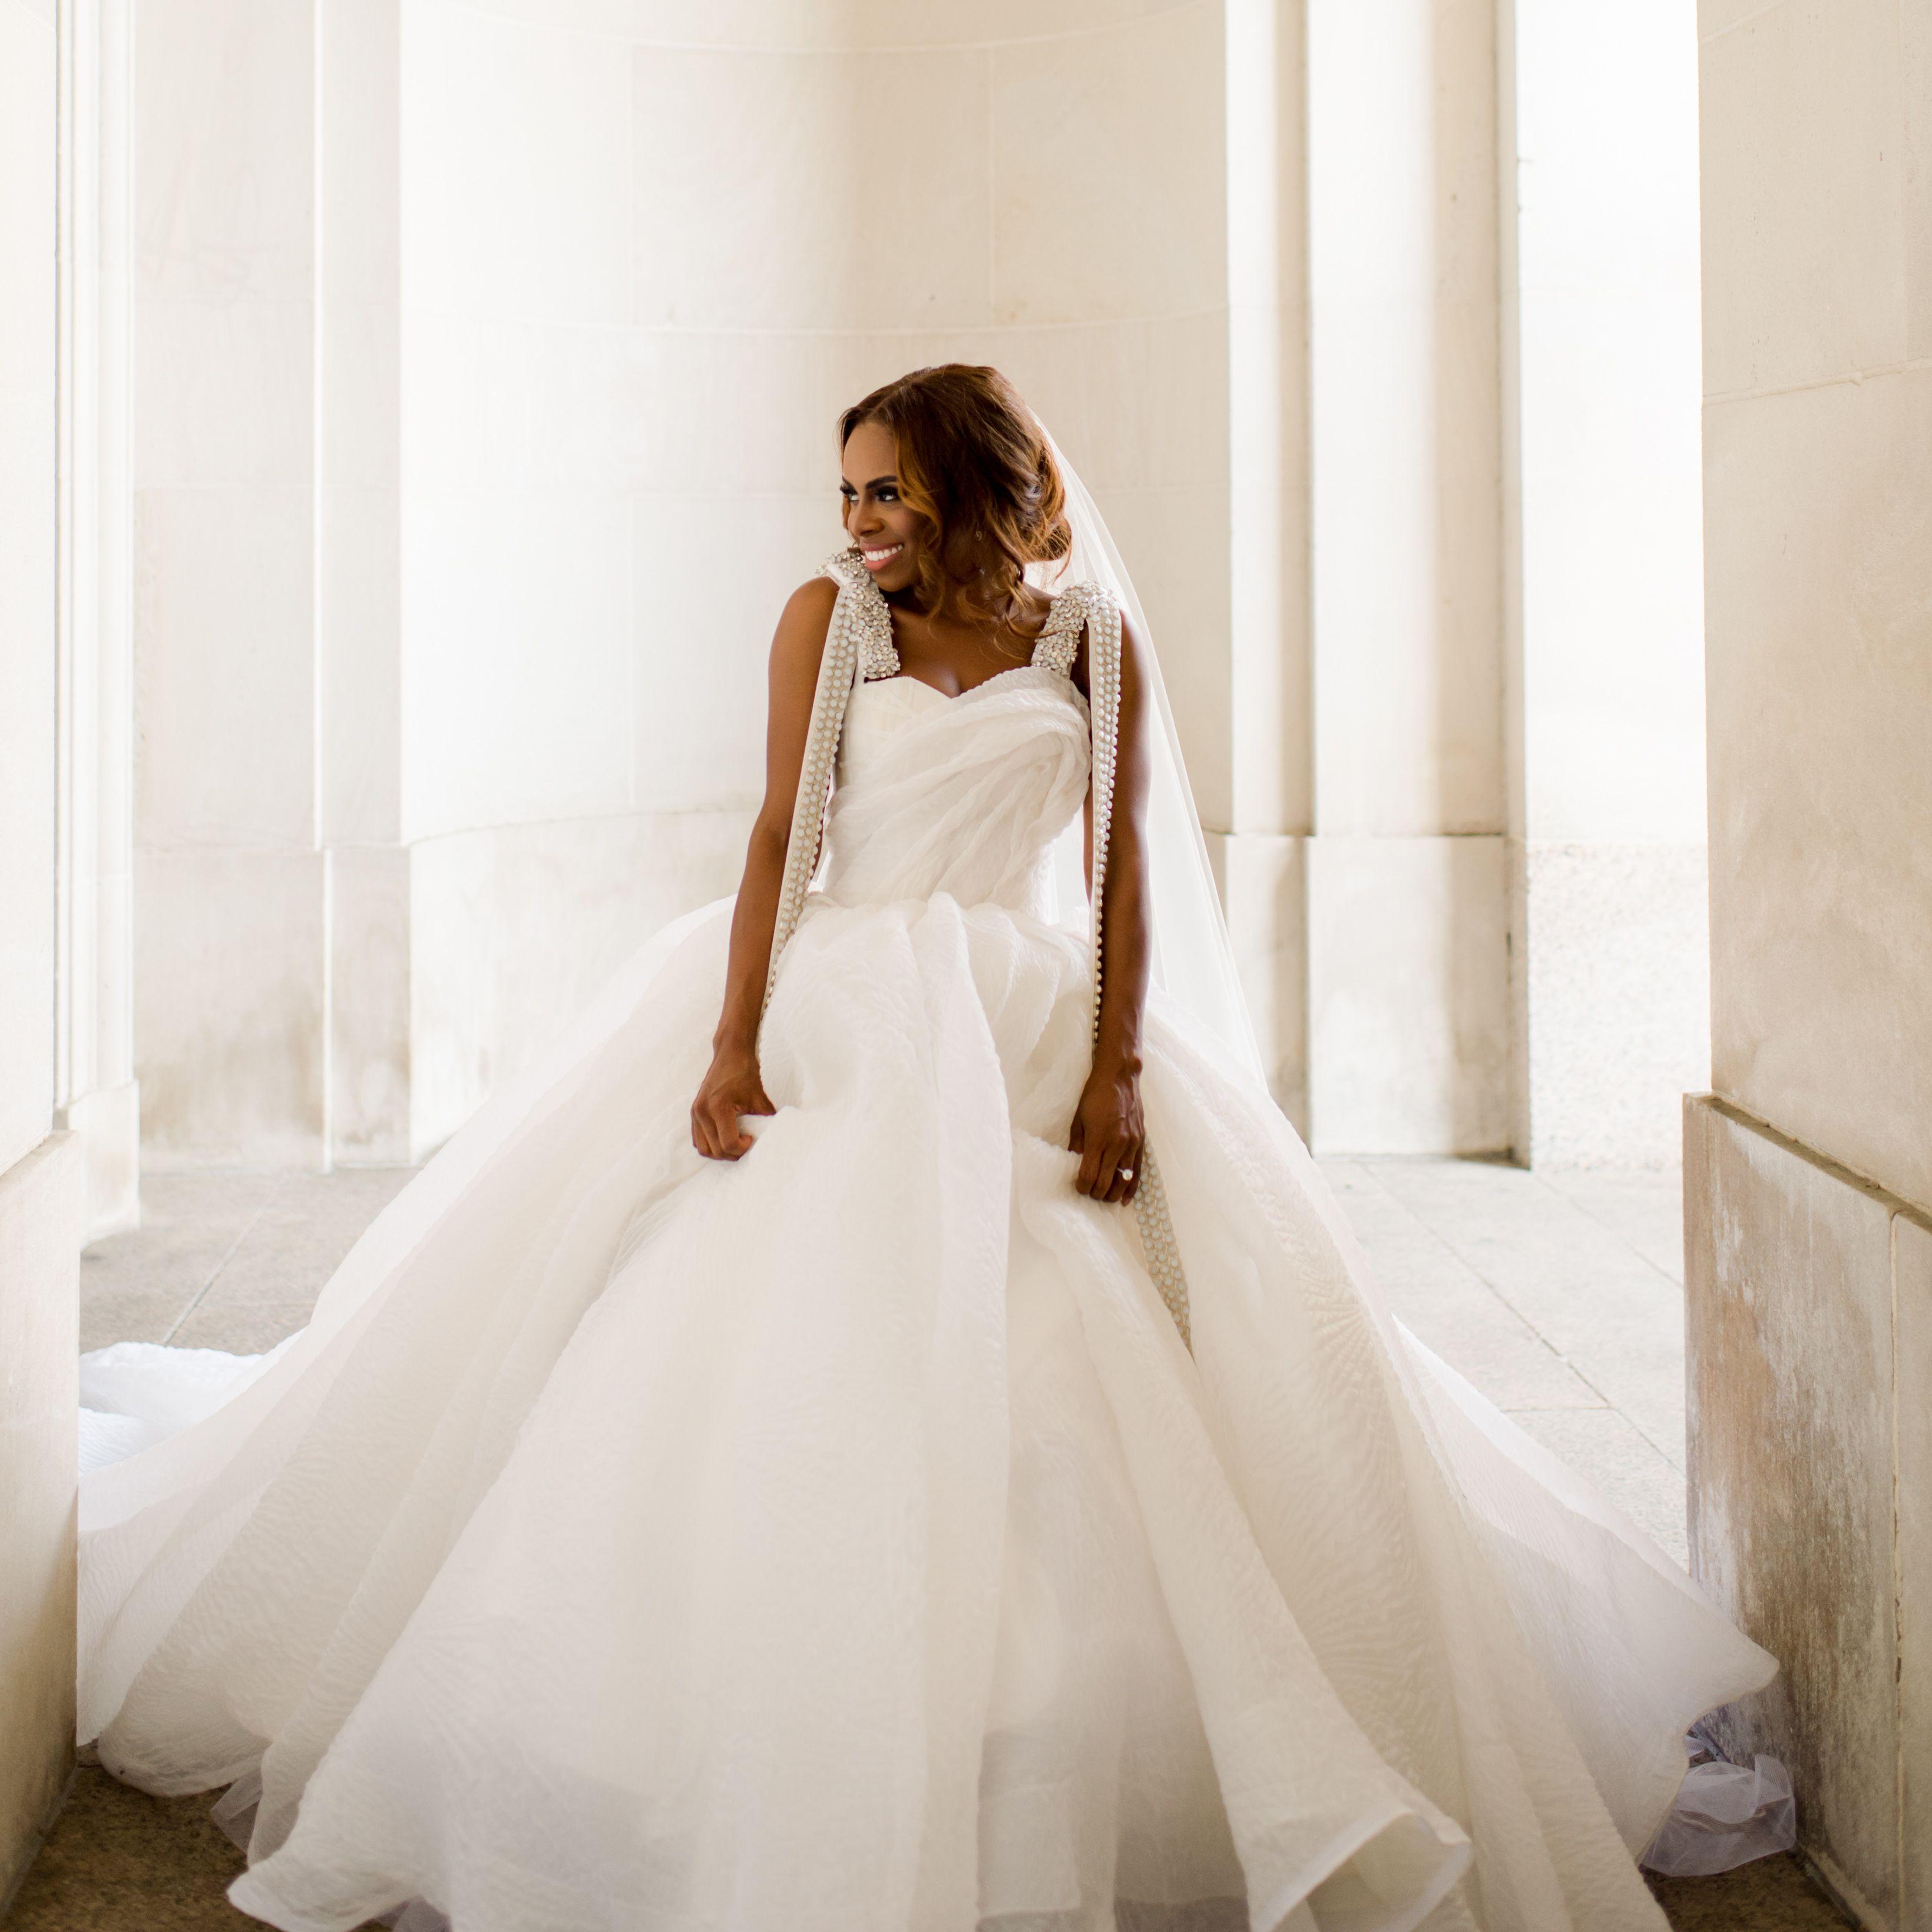 Why Do Brides Wear White